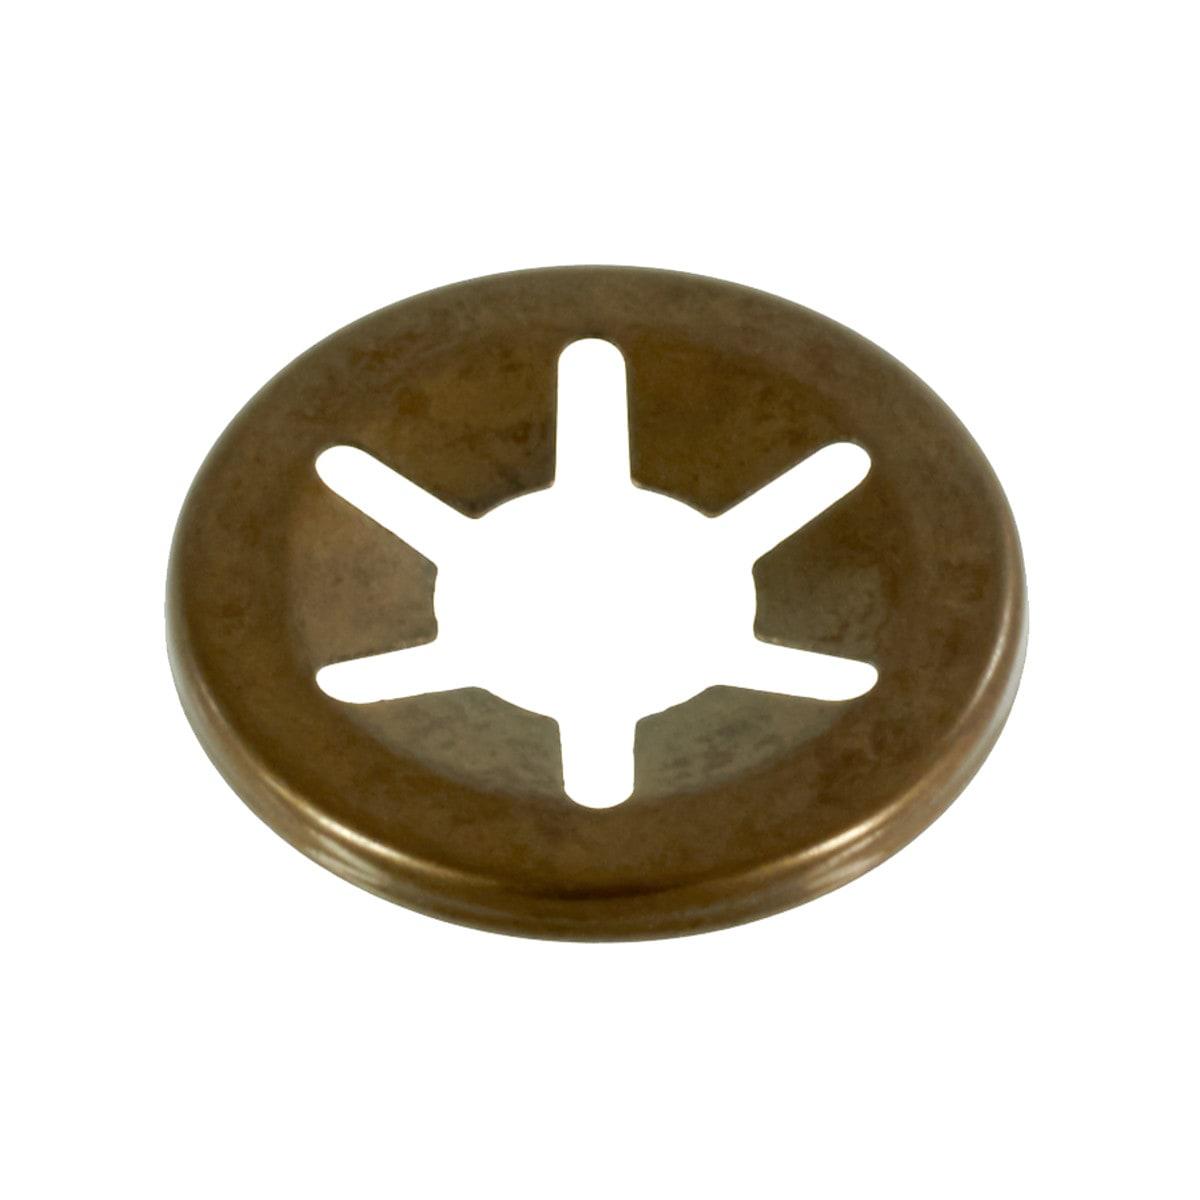 Starlockbricka 6 mm